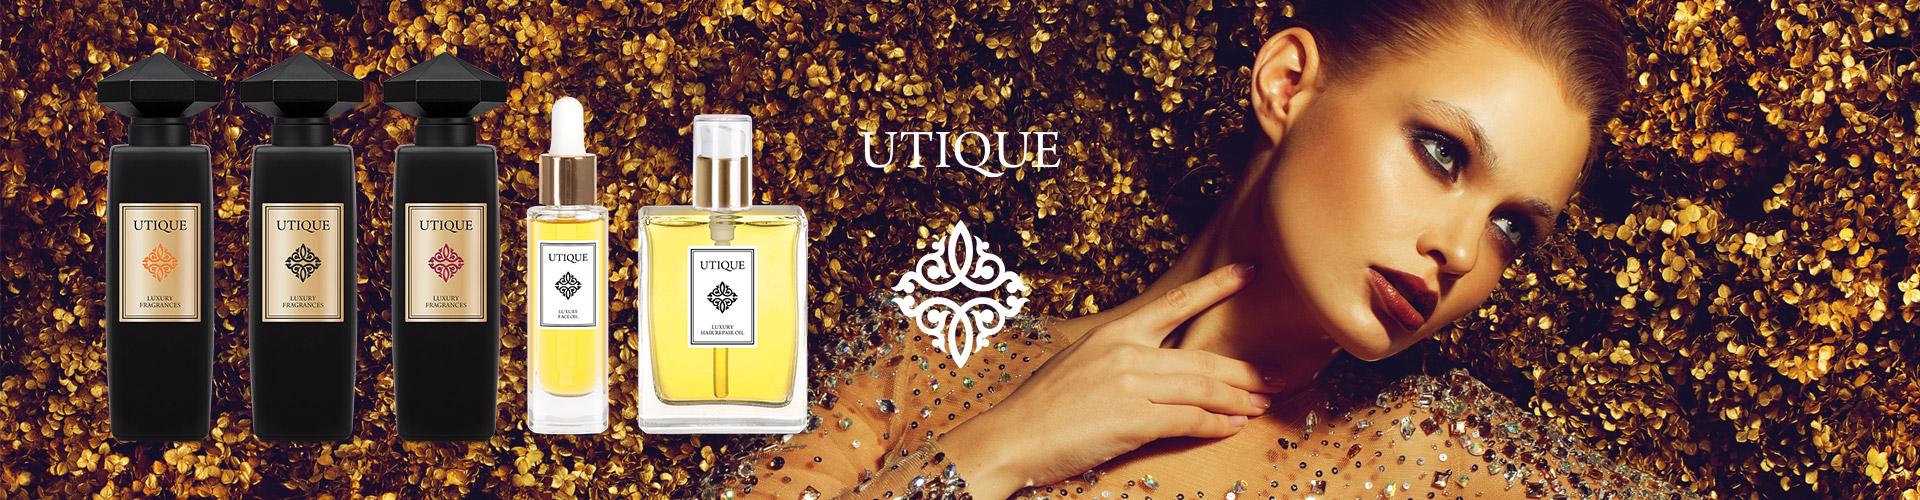 Utique2